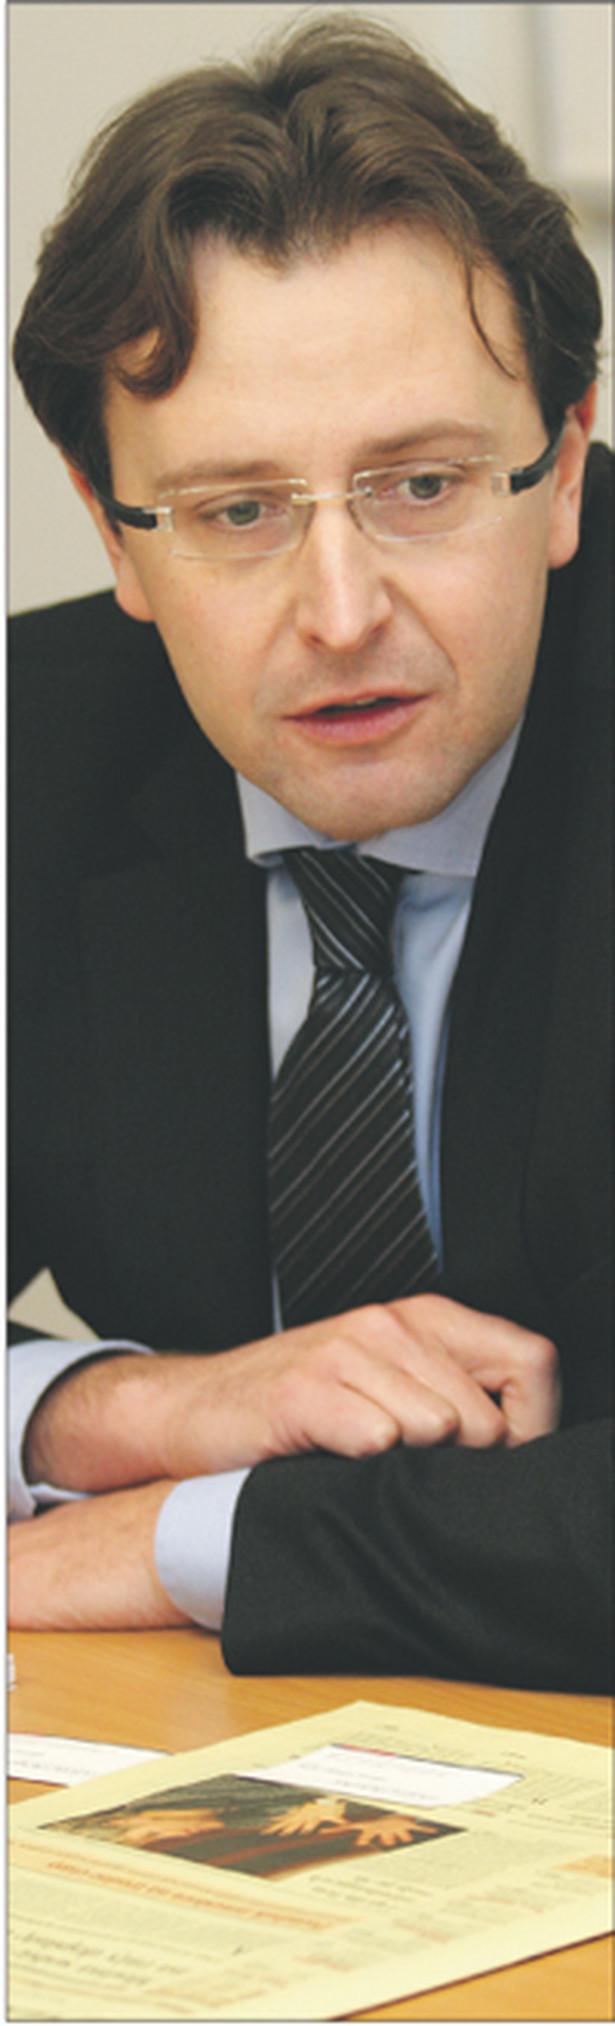 Bartłomiej Jankowski, adwokat, partner w WKB Wierciński, Kwieciński, Baehr Fot. Marek Matusiak